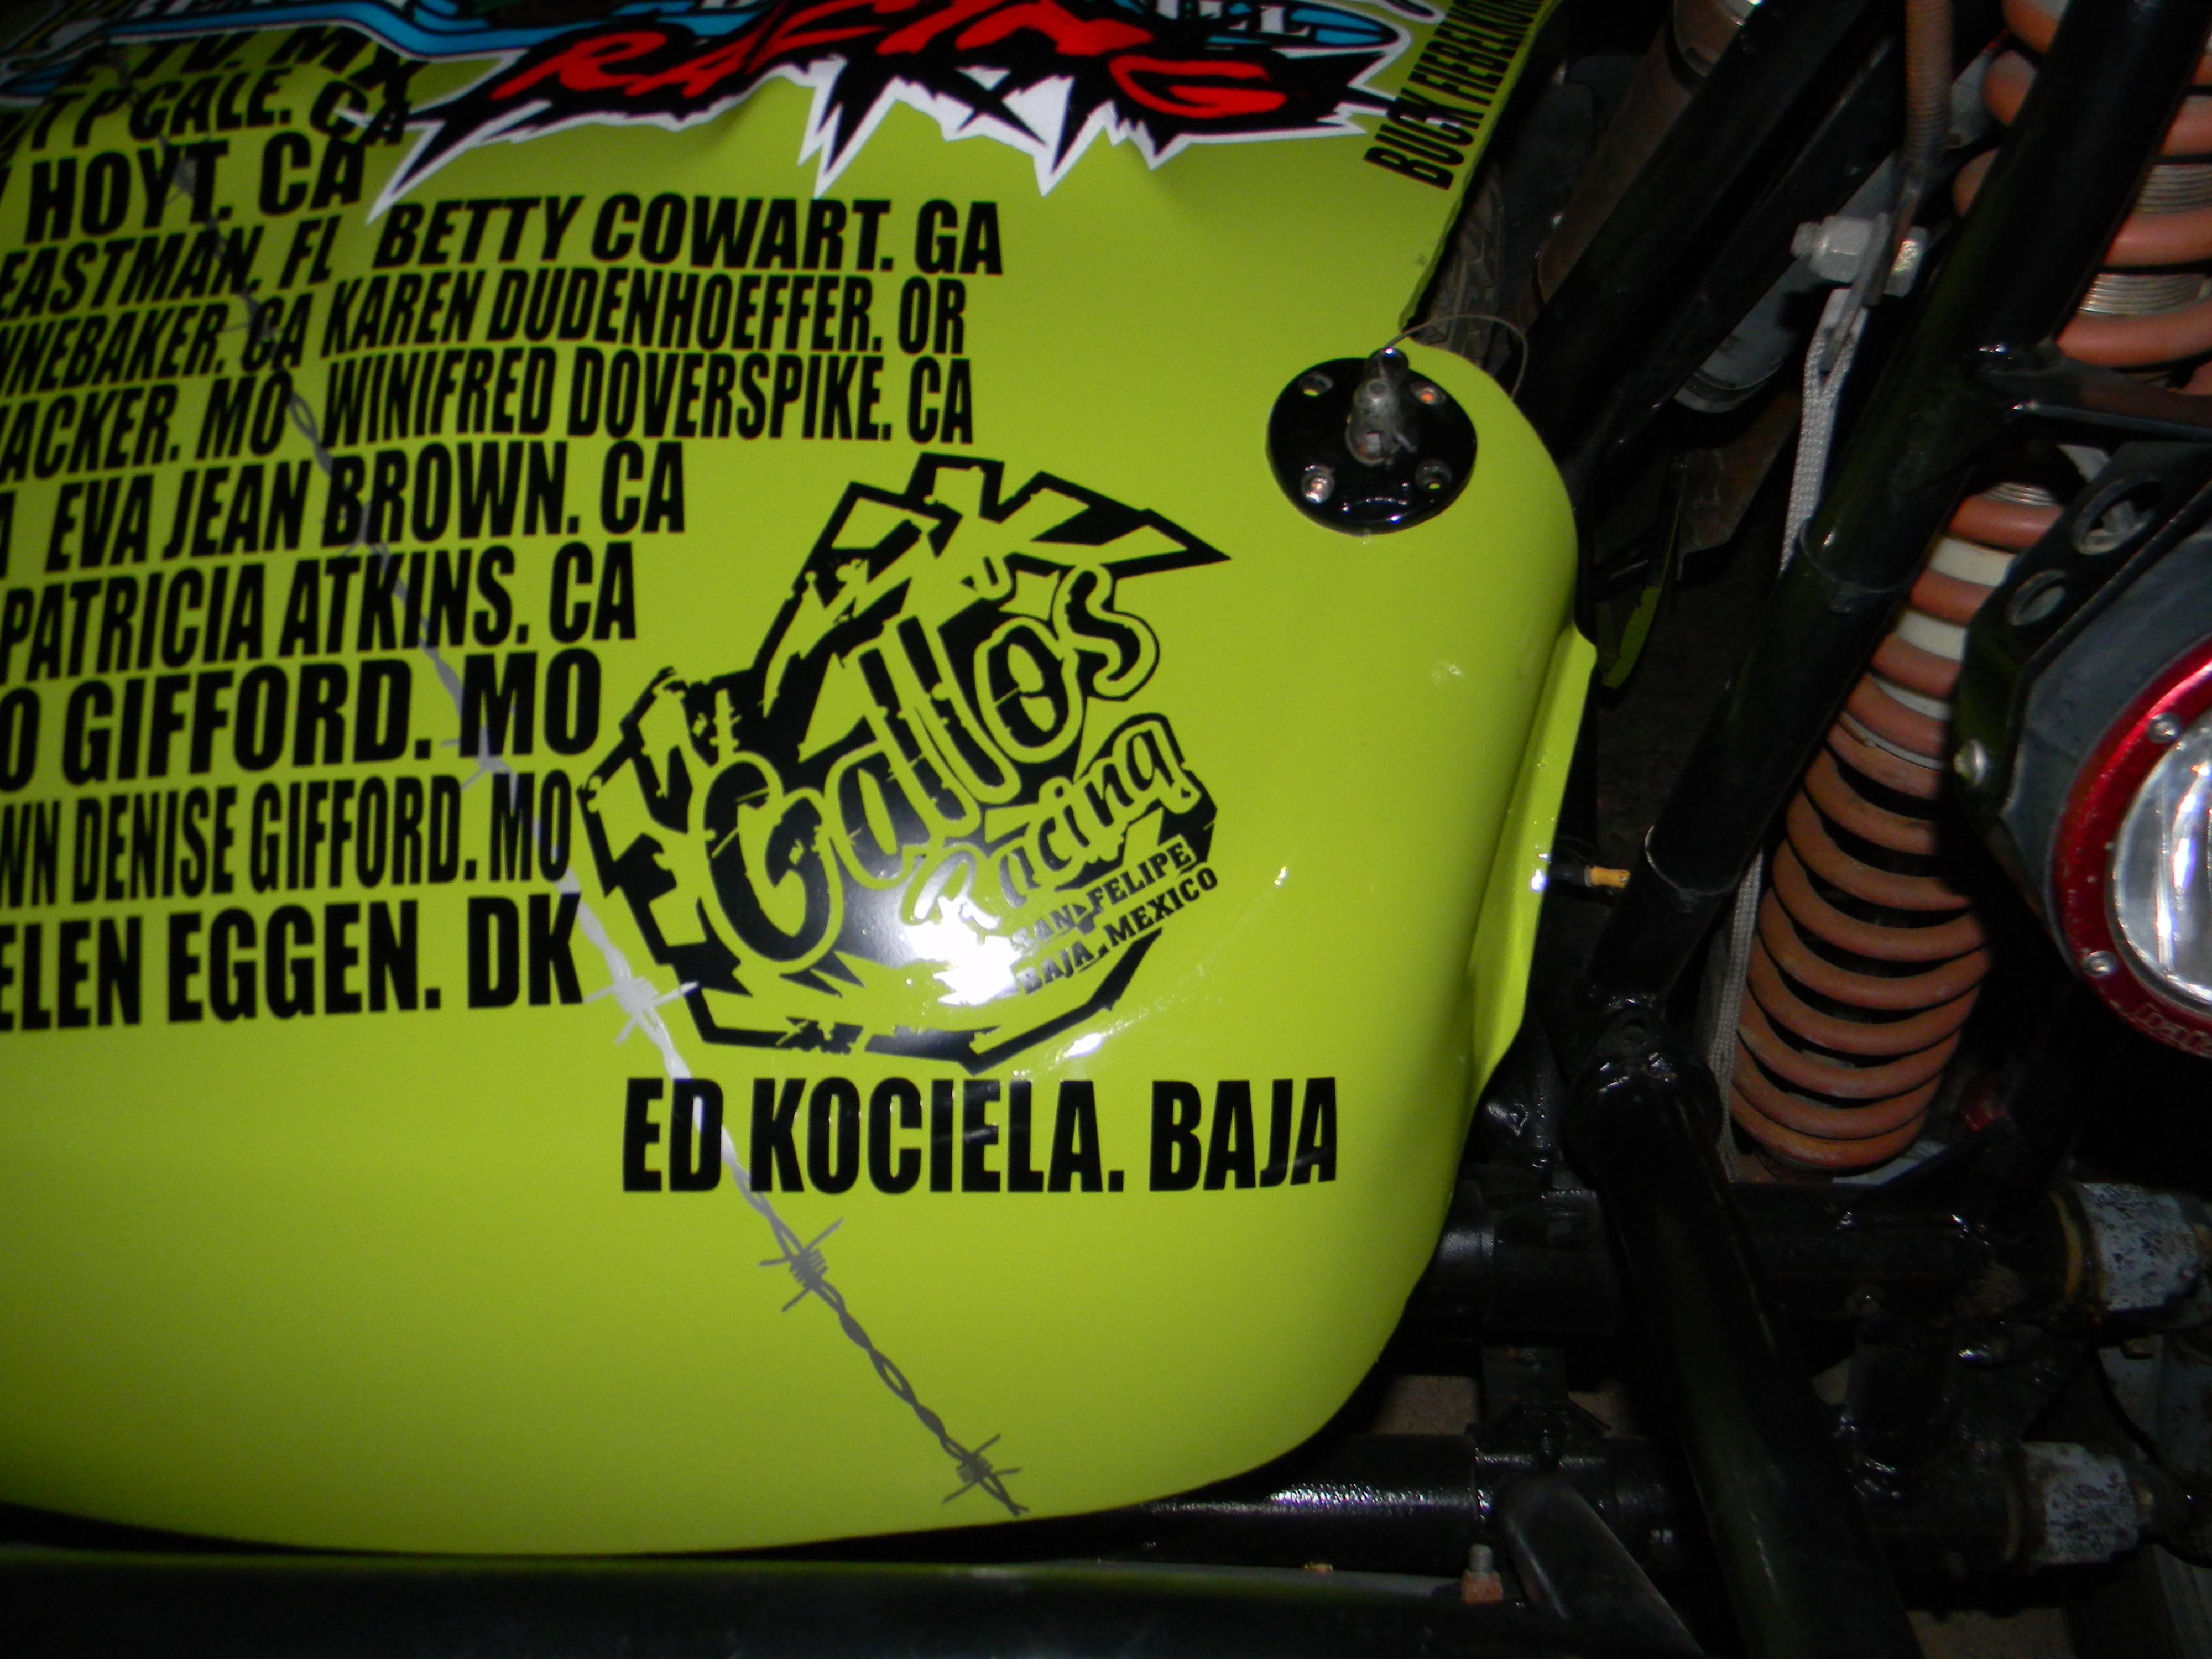 Race car bearing Ed Kociela's name as a cancer survivor, for Racing for Boobs, outside San Felipe, on The Baja, Mexico, April 2015 | Photo courtesy of Ed Kociela, St. George News